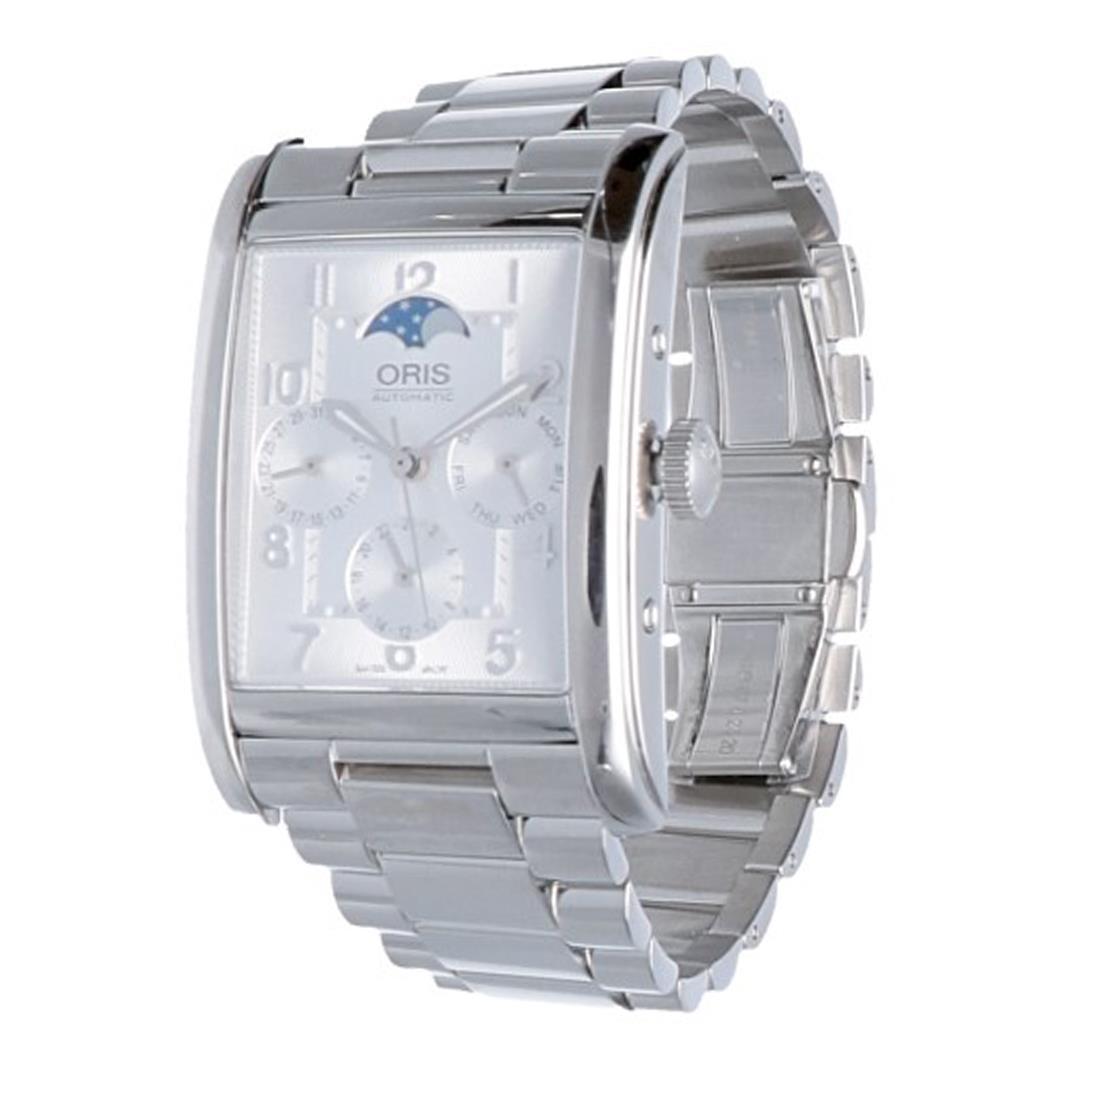 Orologio cassa 32,00 x 47,00 mm  in acciaio inossidabile - ORIS